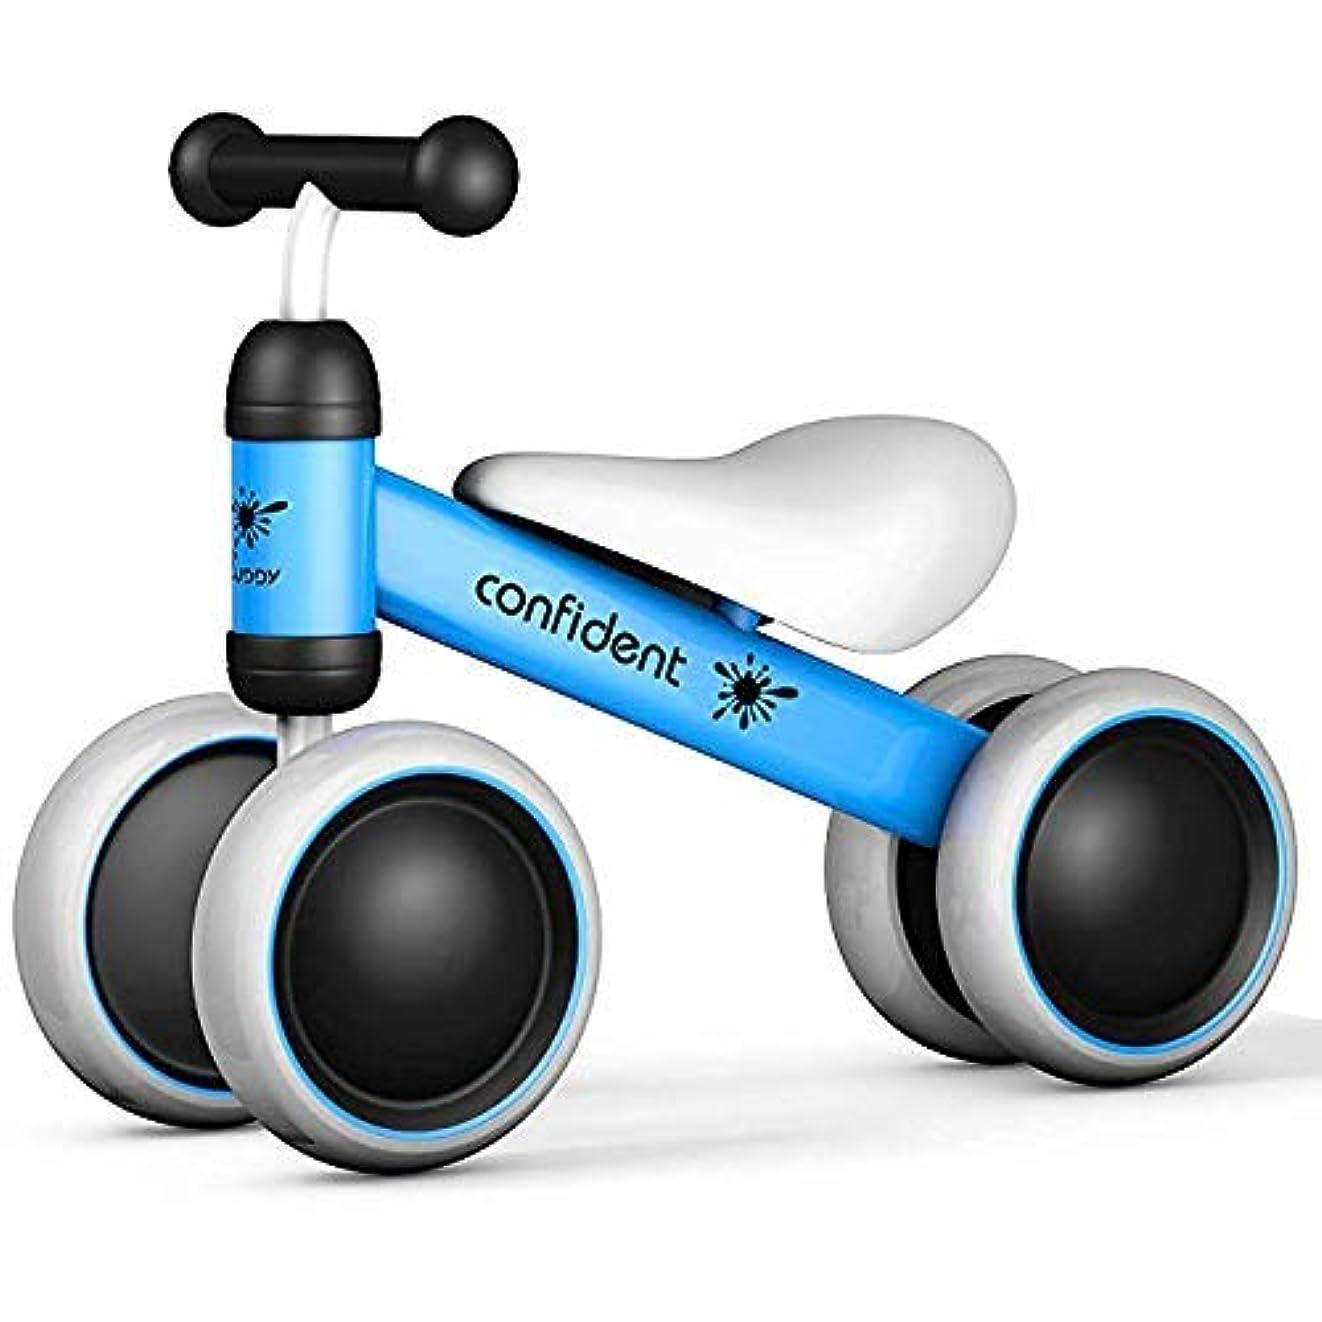 ヤングママ先例Shhdd バランスバイク、3歳の男児に適した、子供ウォーカーKeji 1836ヶ月、軽量気泡のないペダル自転車のタイヤの赤ちゃん4人の幼児最初の誕生日の贈り物